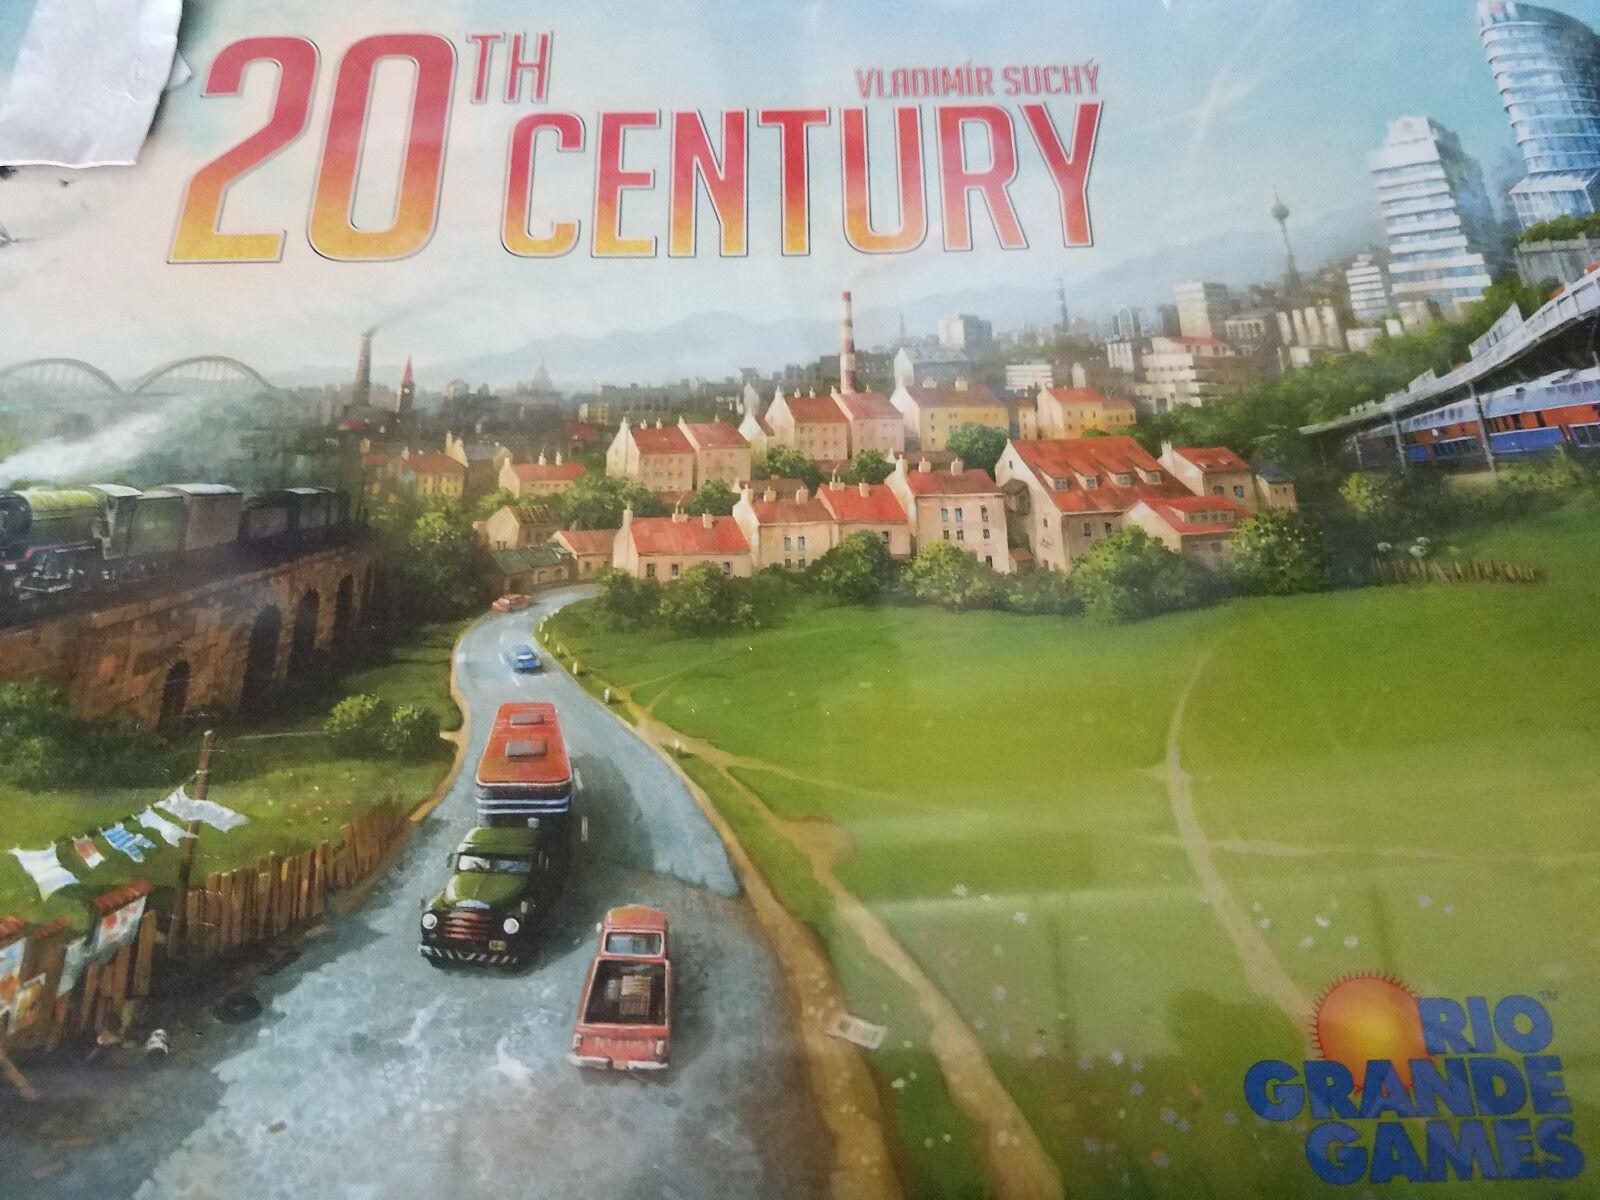 The 20th Century - Rio Grande Games Board Game New